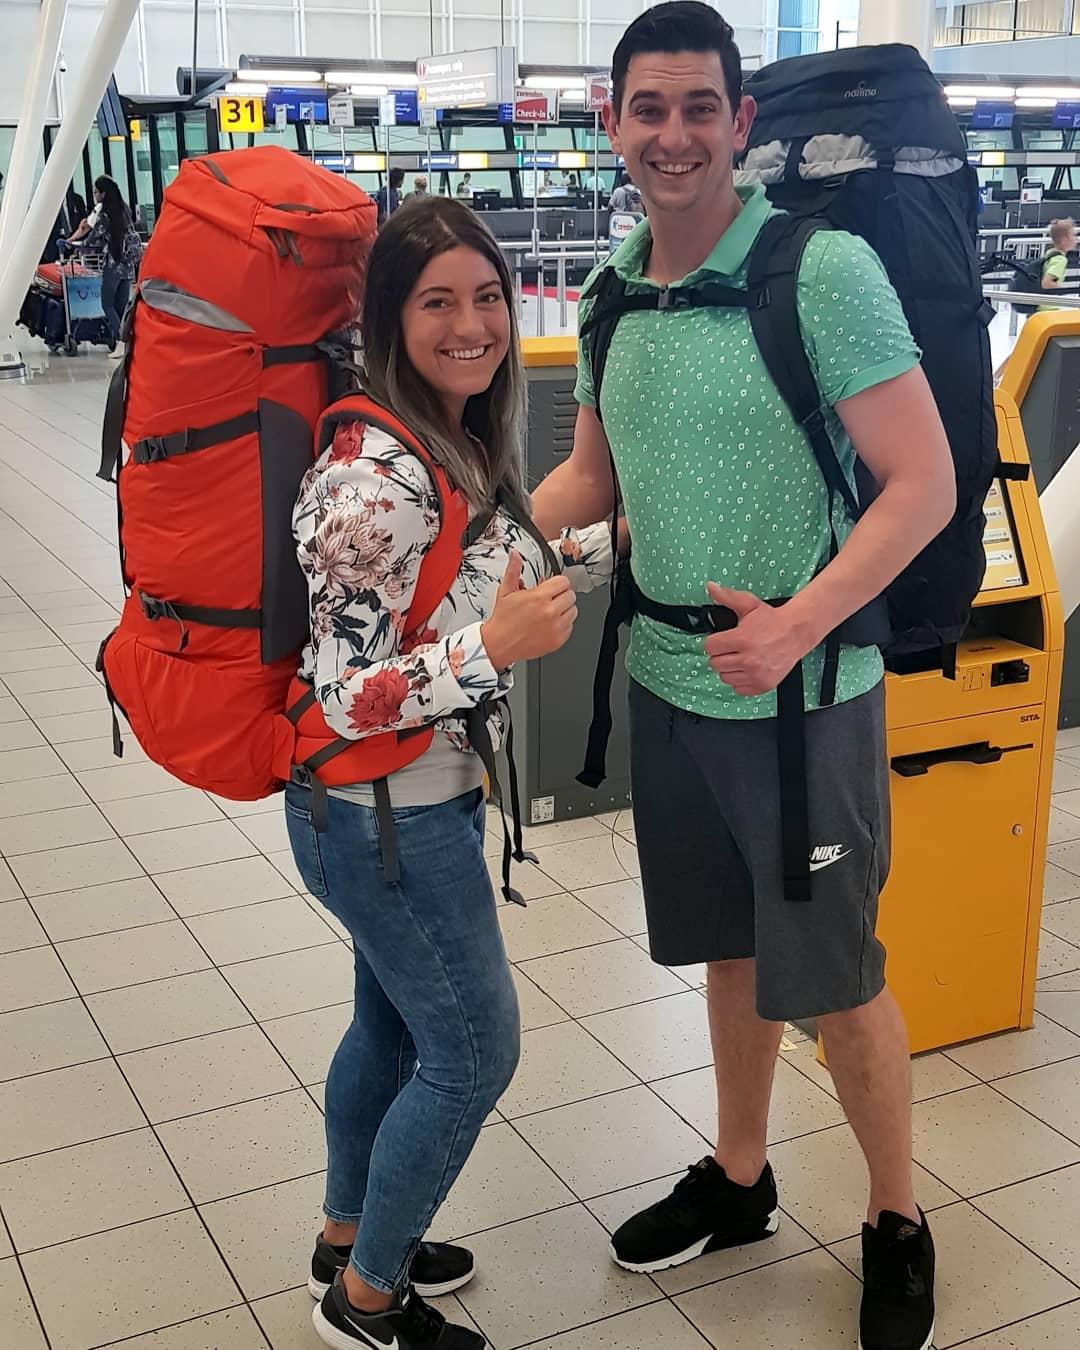 backpacken op reis